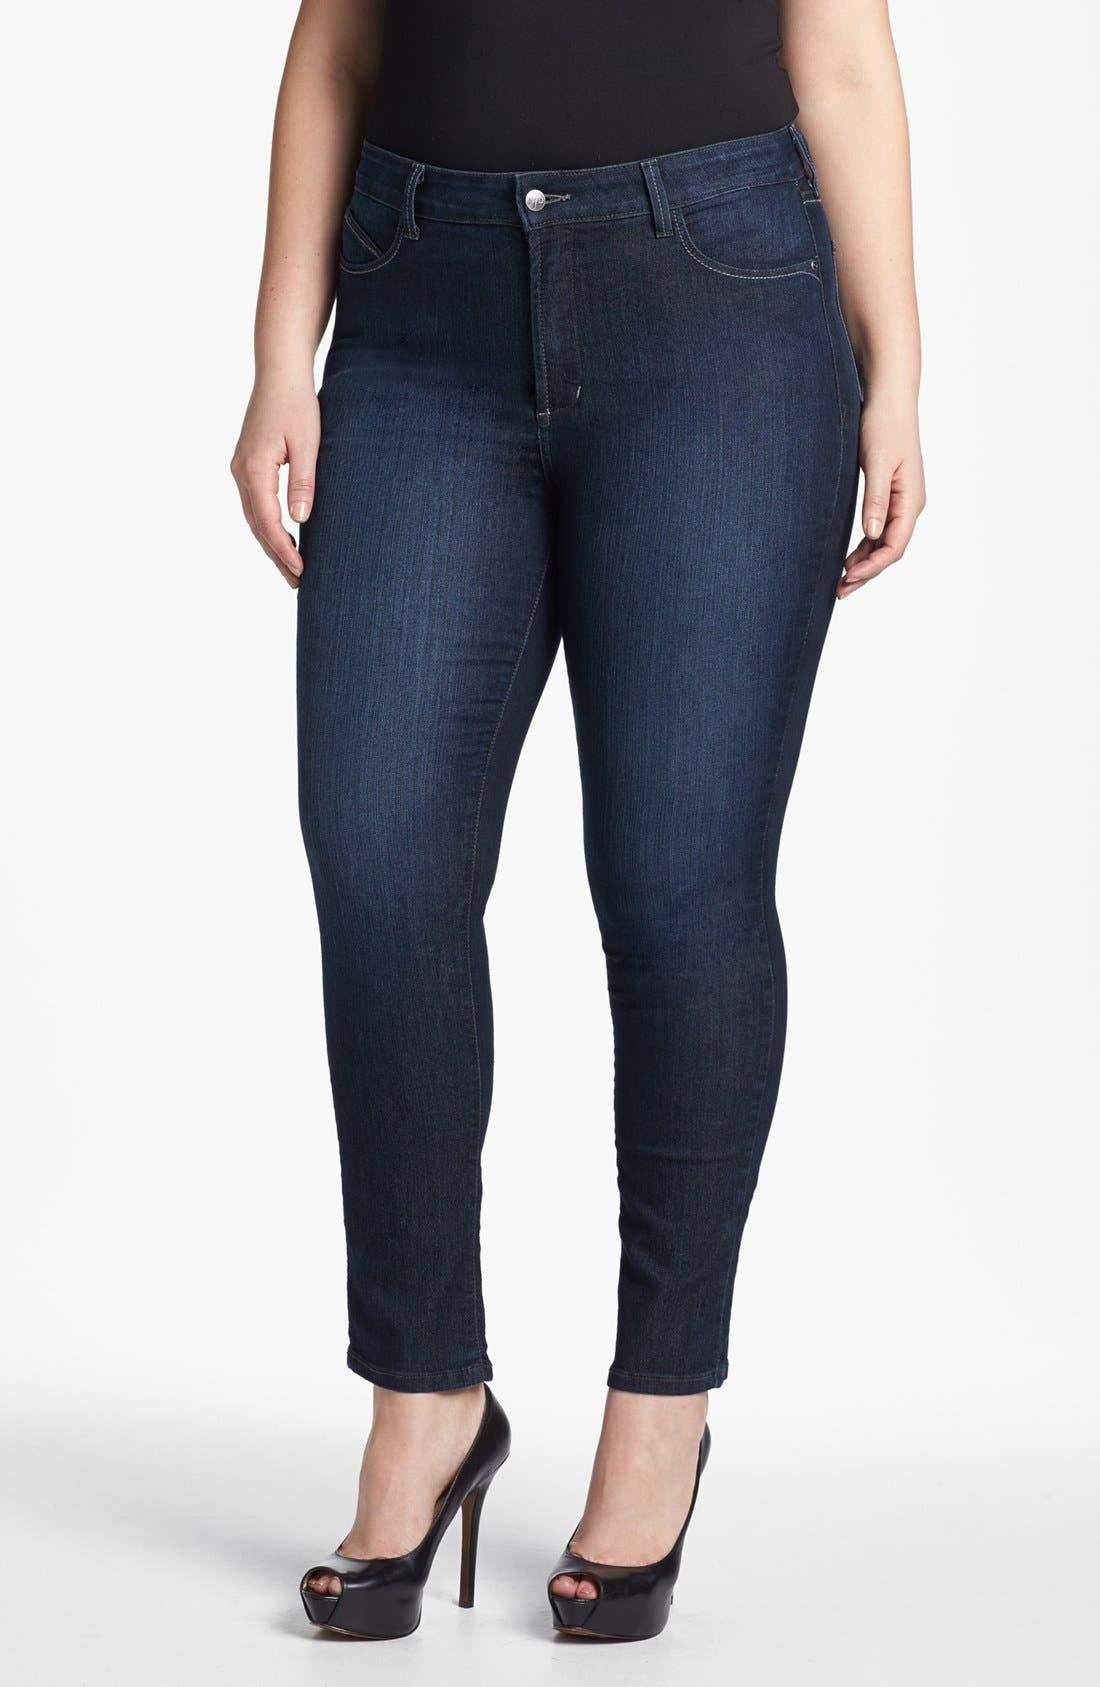 Alternate Image 1 Selected - NYDJ 'Alina' Denim Leggings (Plus Size)